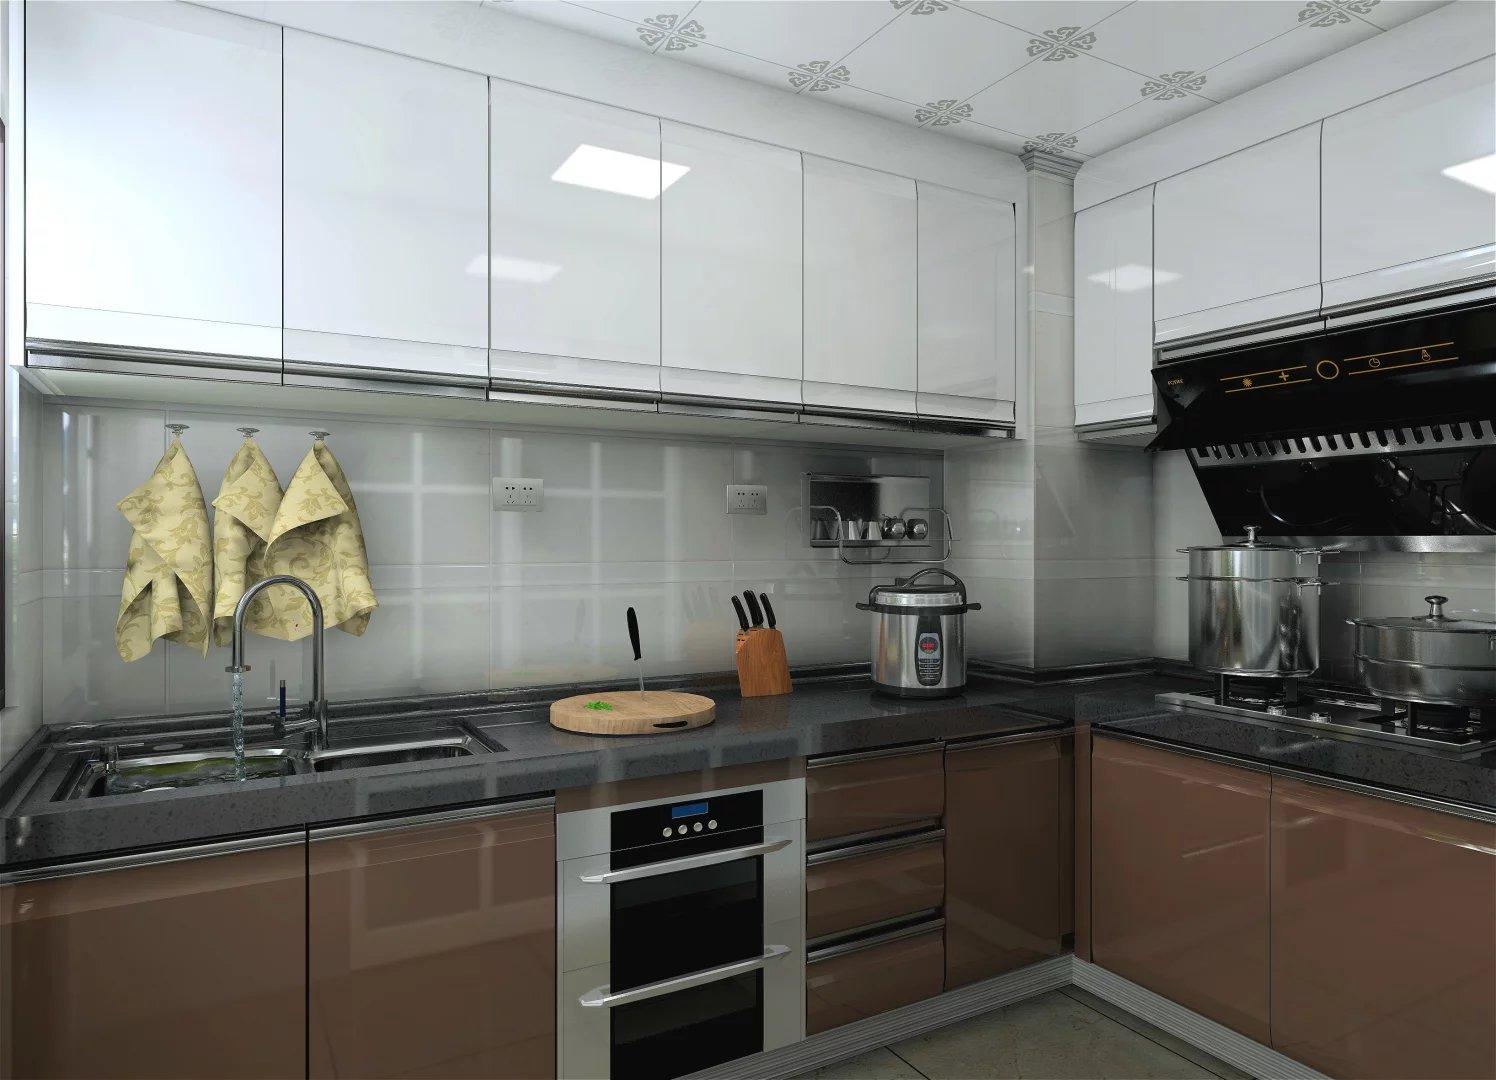 Fantástico Lista De Accesorios De Cocina Modular De Precio En Kerala ...